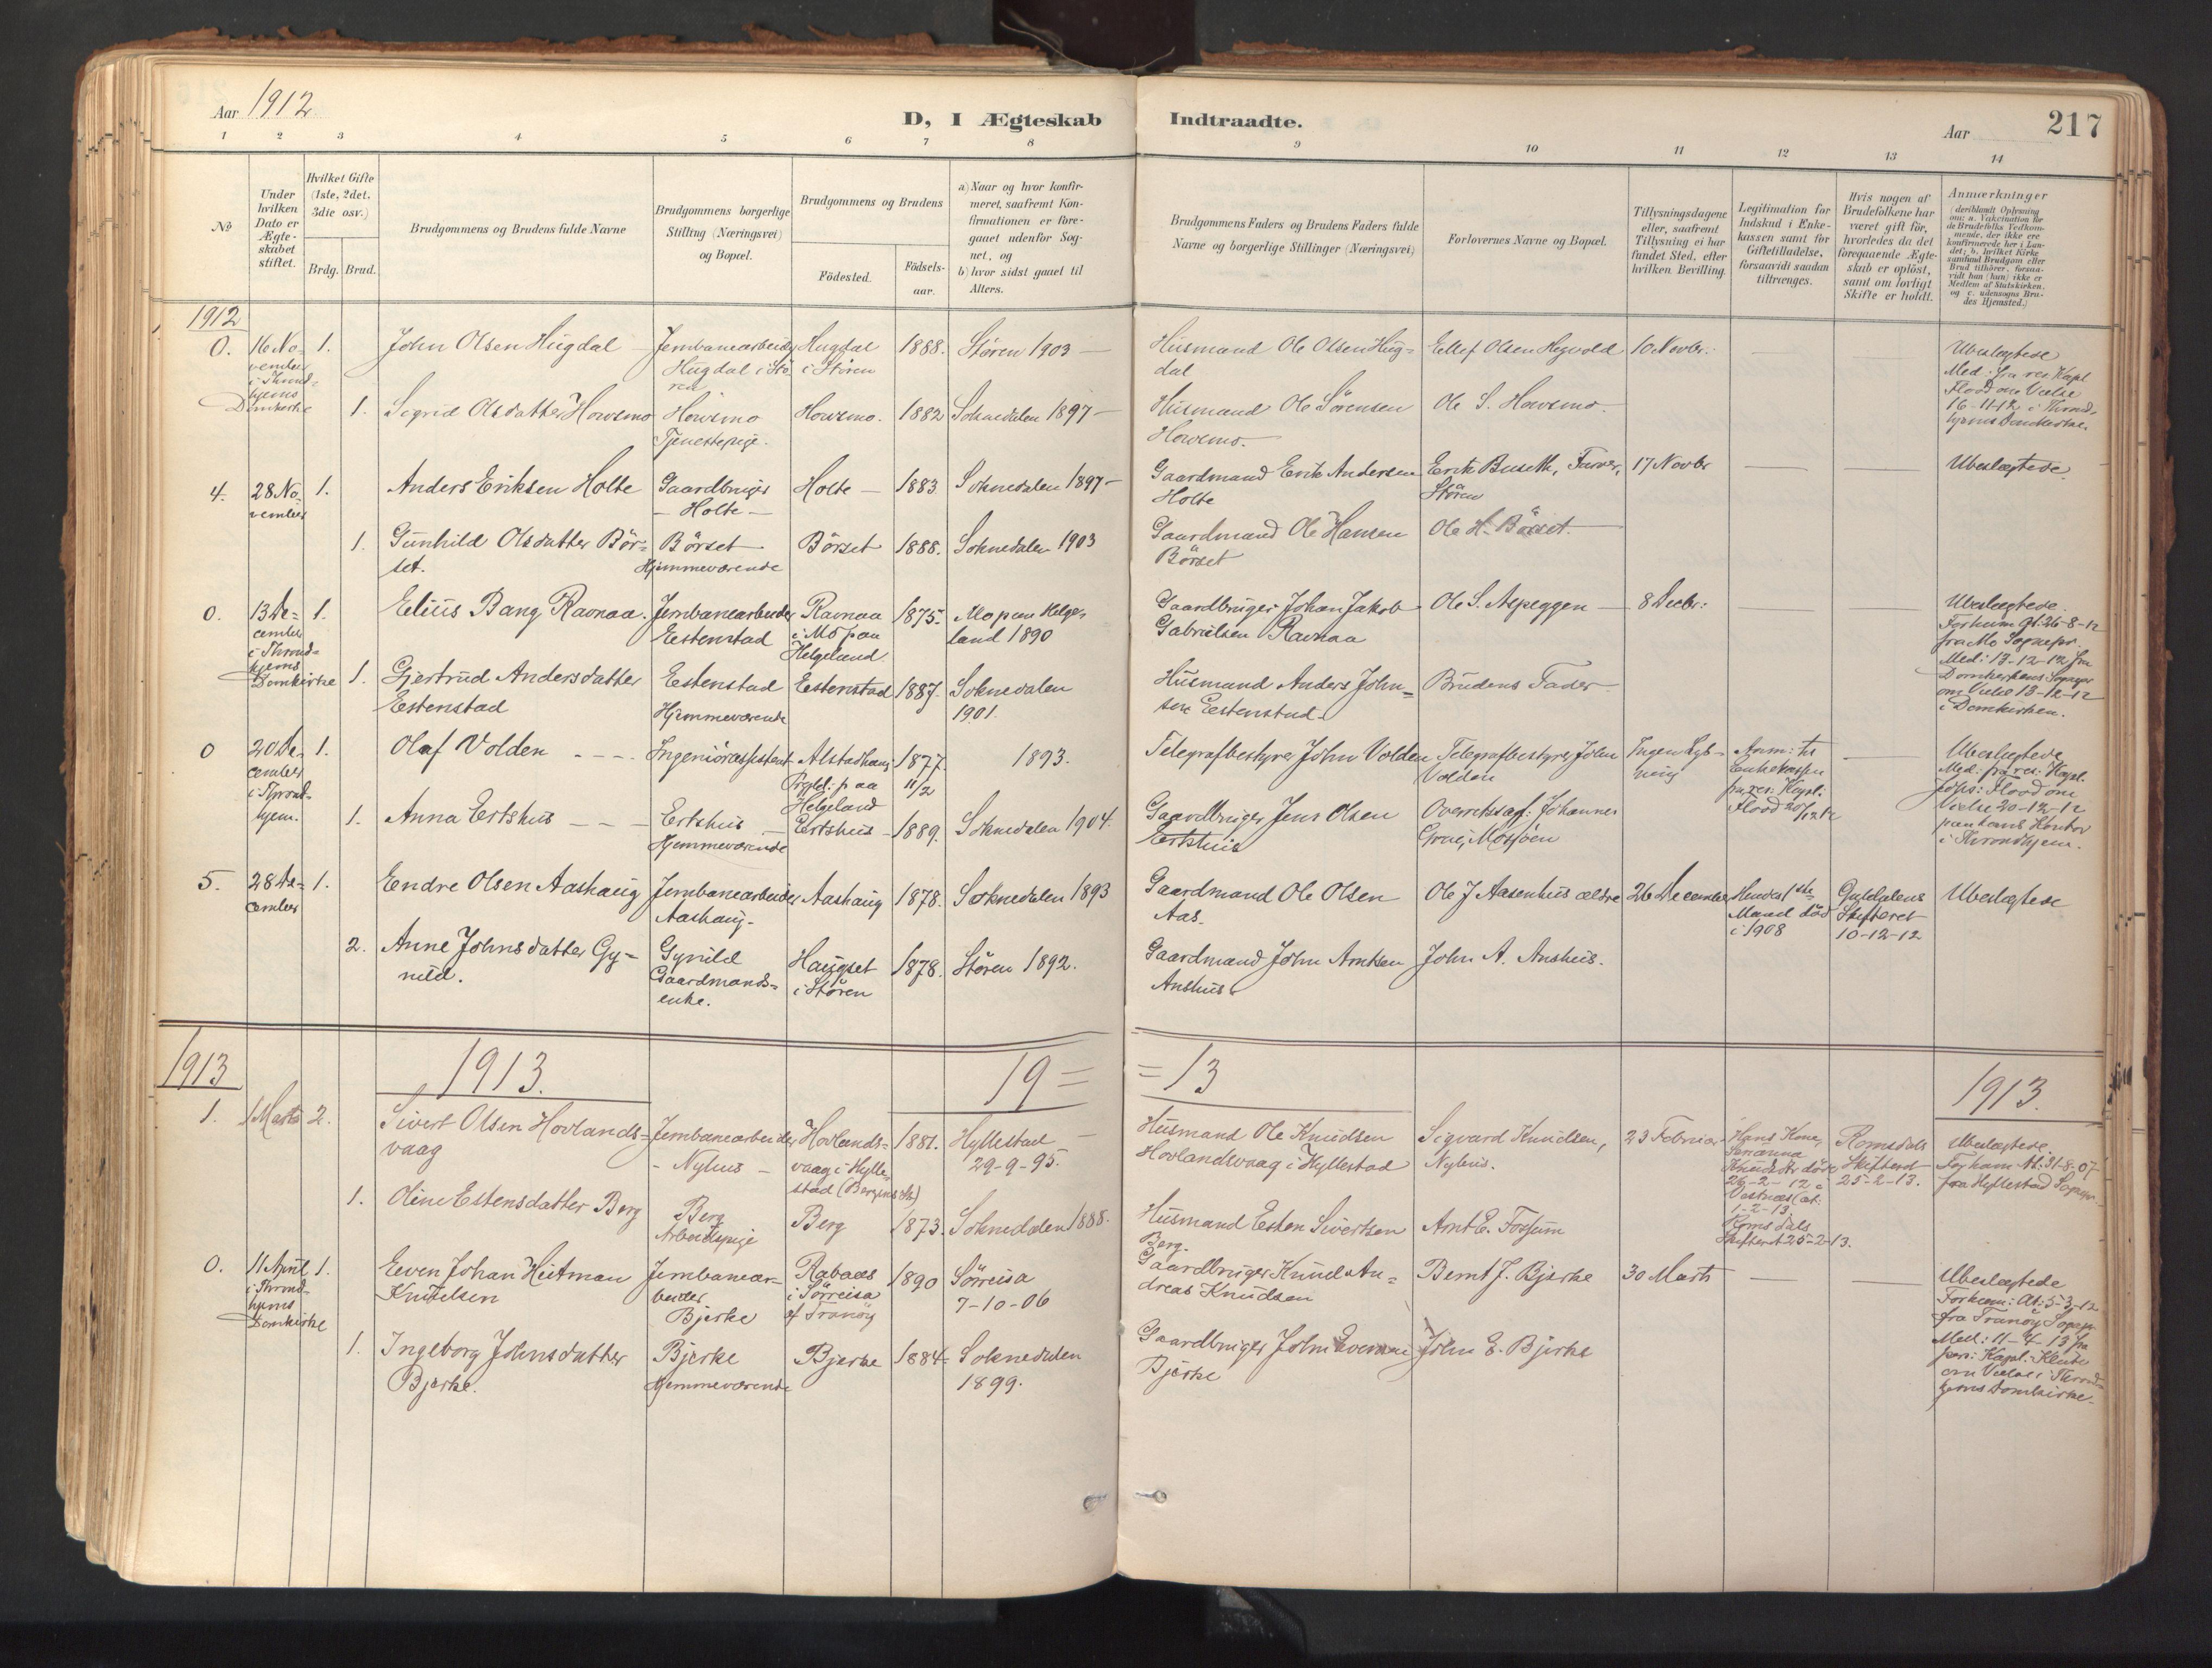 SAT, Ministerialprotokoller, klokkerbøker og fødselsregistre - Sør-Trøndelag, 689/L1041: Ministerialbok nr. 689A06, 1891-1923, s. 217